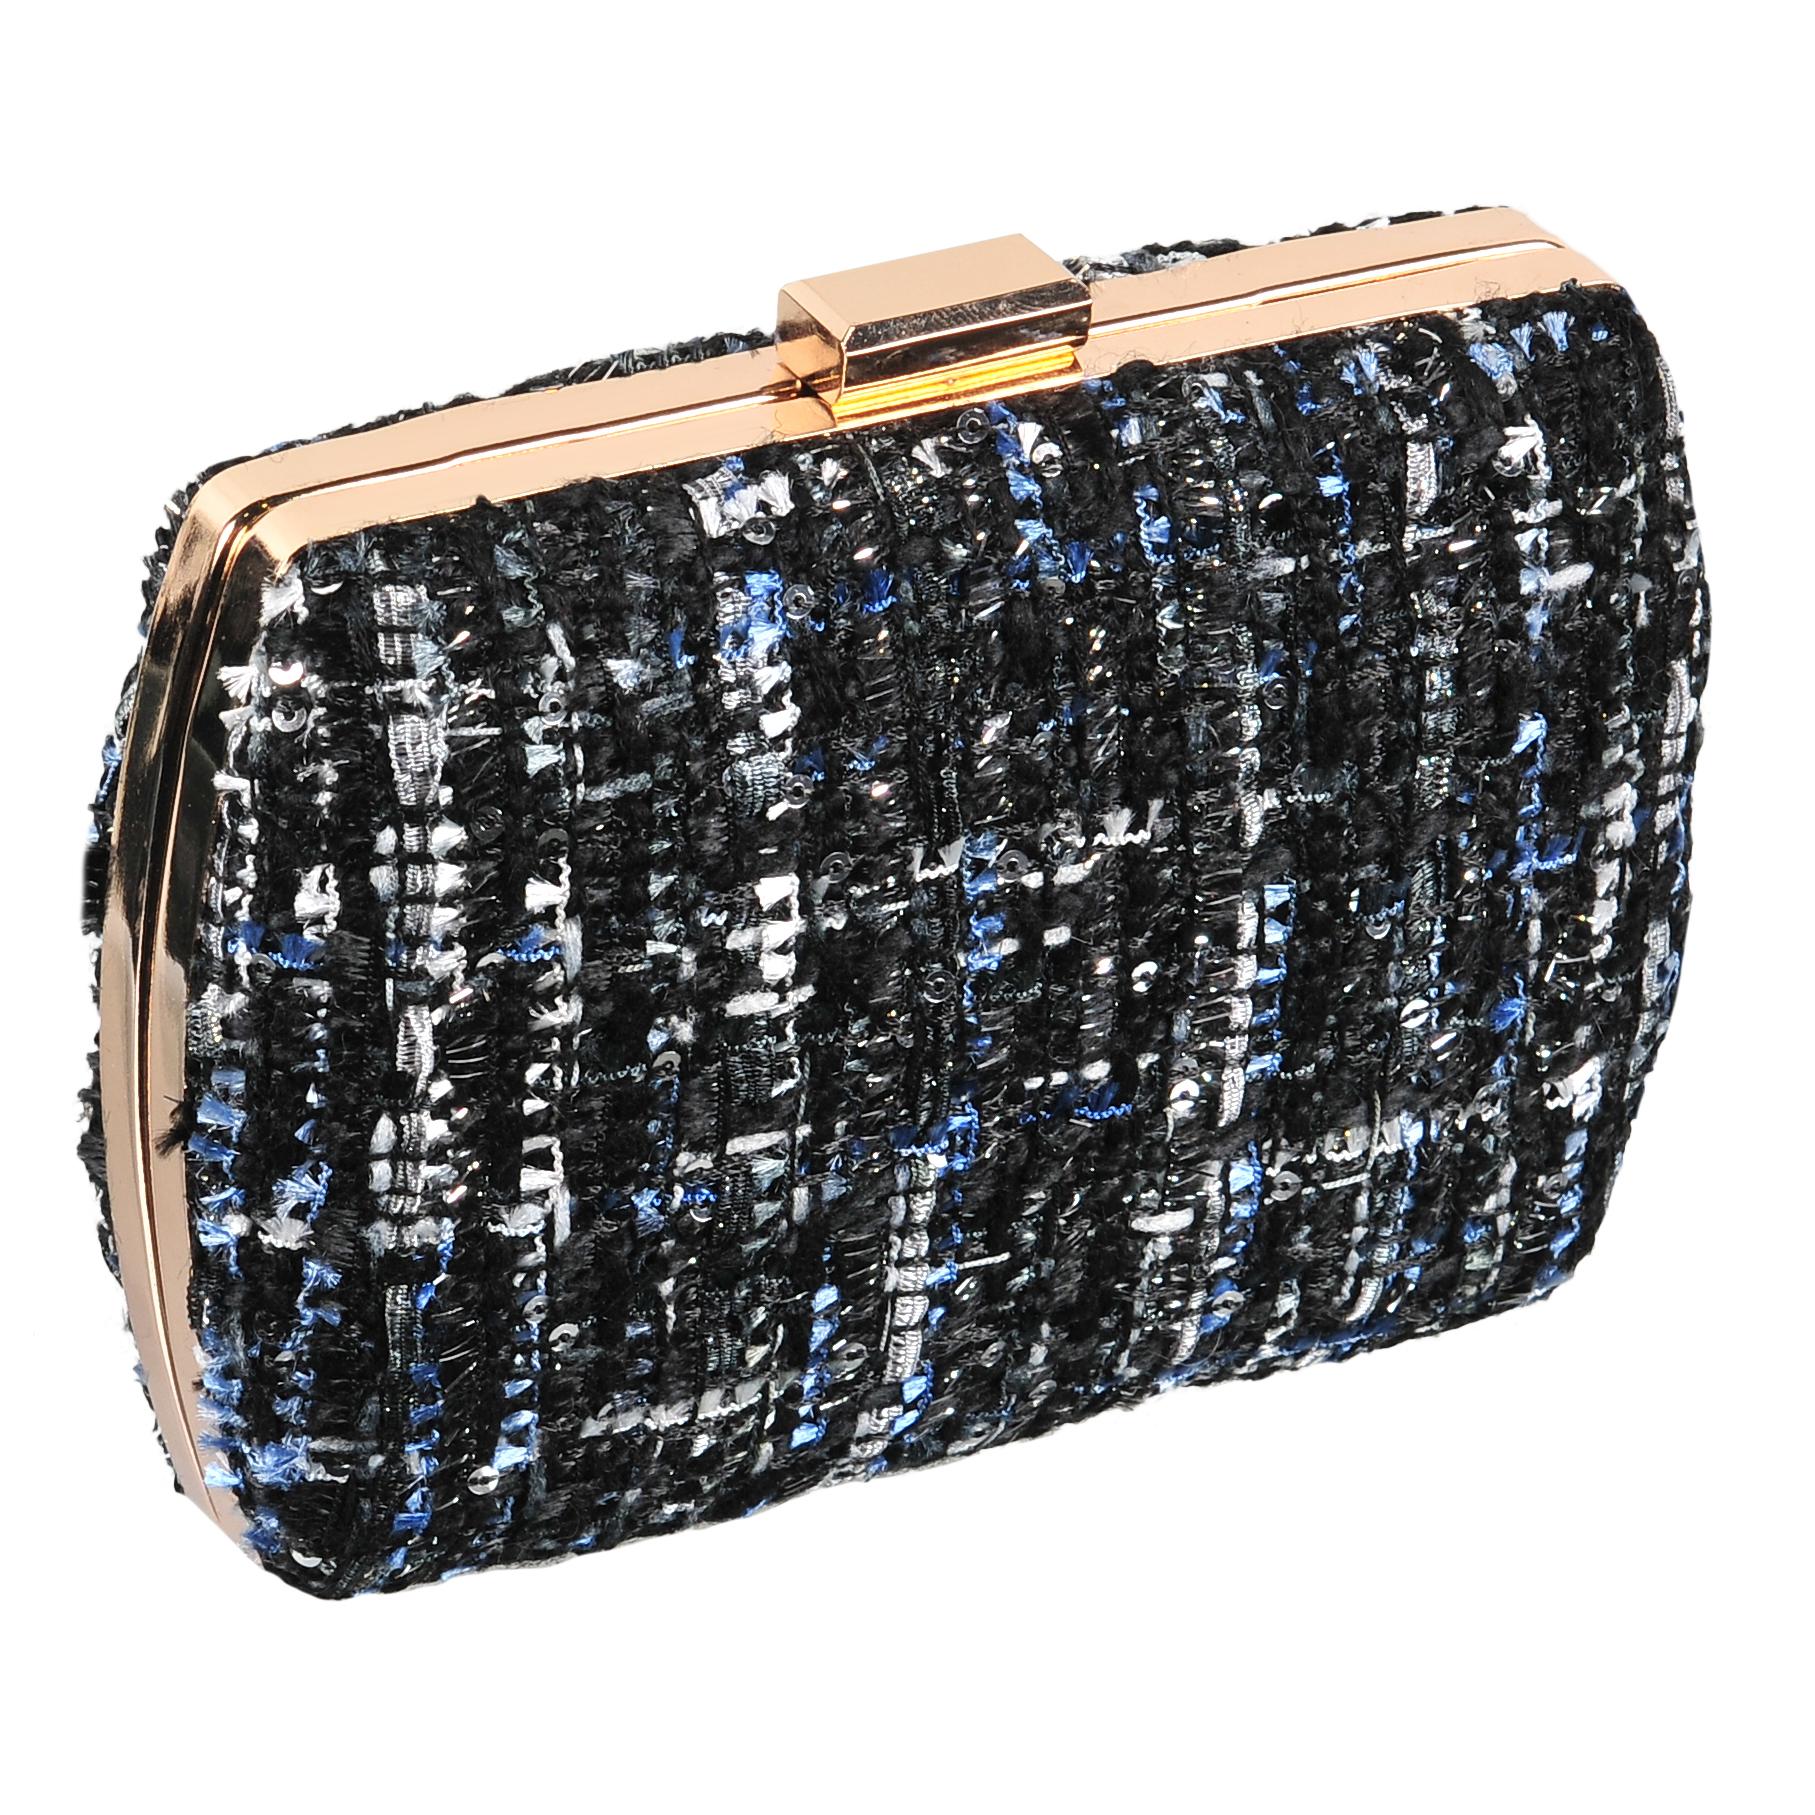 Клатч женский Модные истории, цвет: черный. 3/0241/0303/0241/030Клатч закругленной прямоугольной формы с защелкивающимся металлическим замочком. Выполнен из текстиля букле. Декорирован мелкими пайетками. Одно отделение с подкладочной тканью. Имеется ремешок, который позволяет носить клатч на плече. Состав: текстиль, металл. Размер: 14,8*10,2 см.